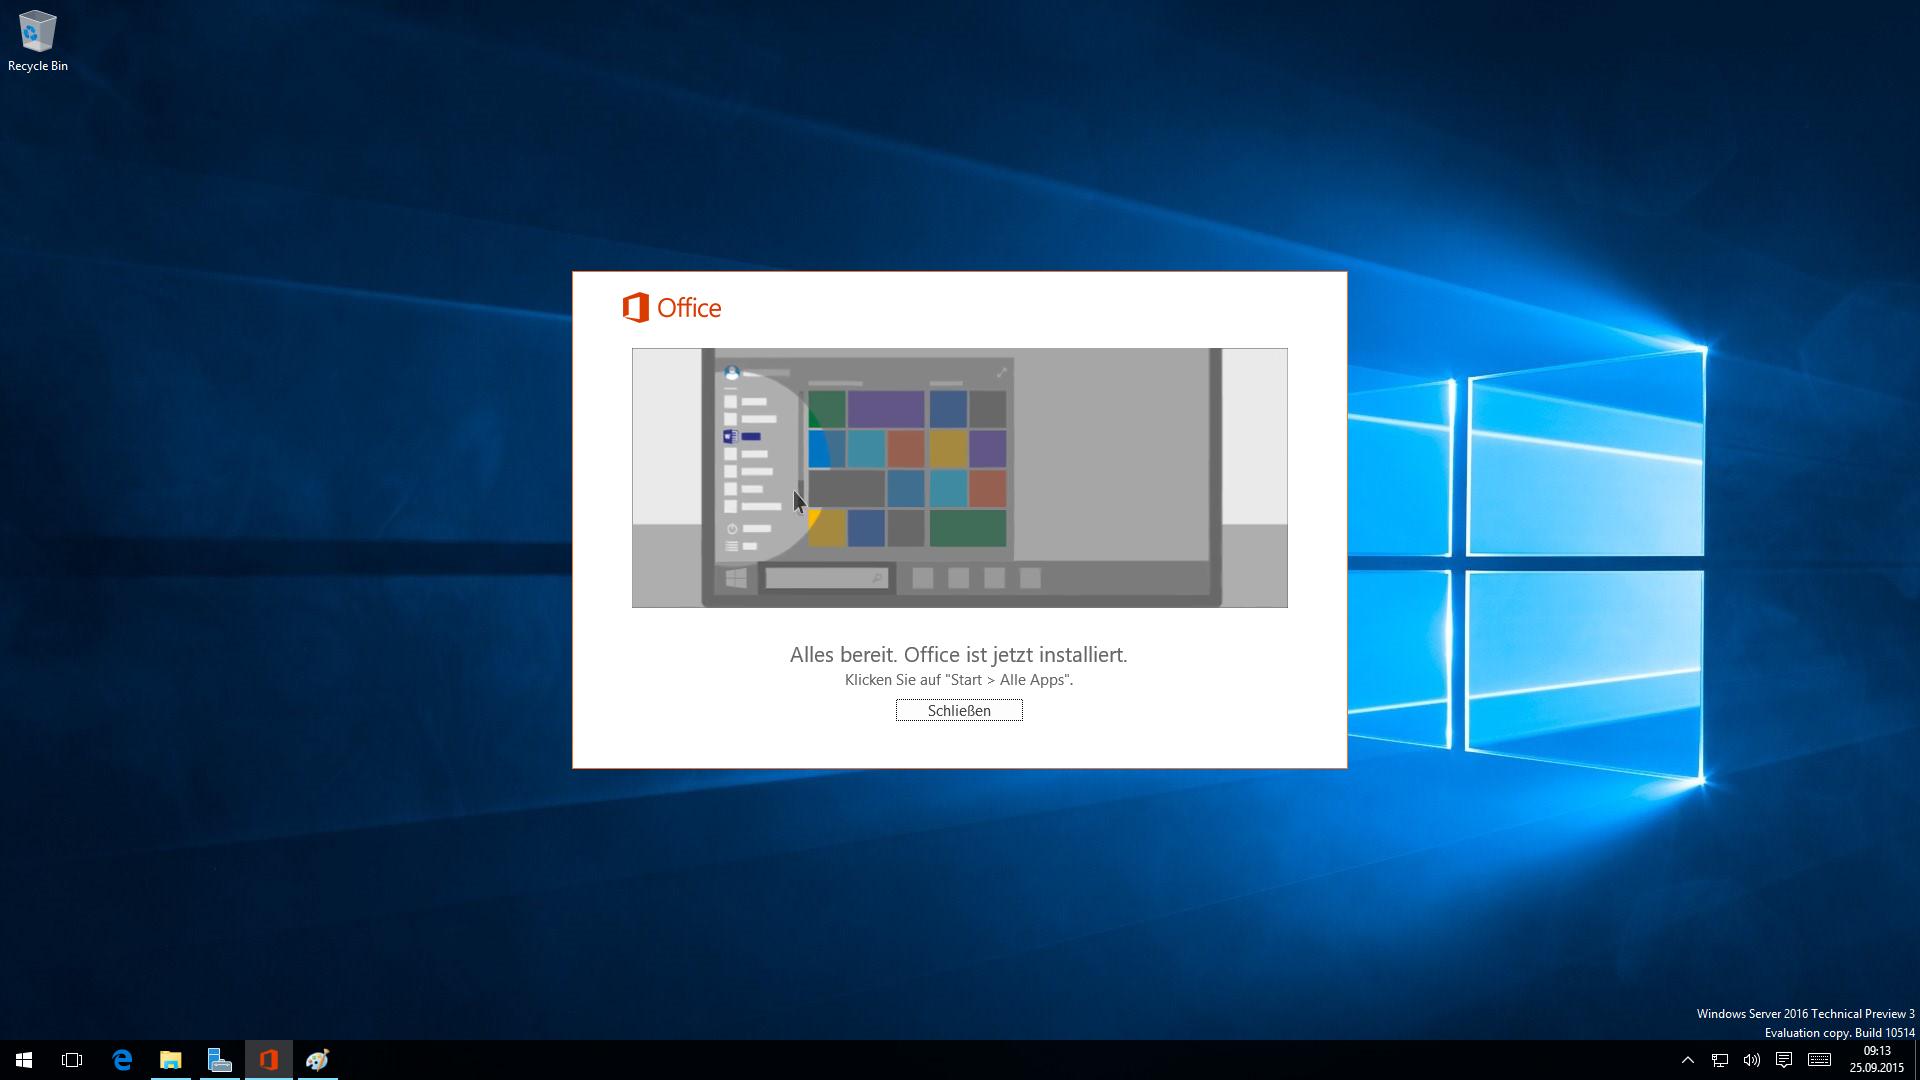 Das Abschluss-Fenster der Installation von Office 2016 mit animiertem Hinweis zum Aufruf bzw. zur weiteren Nutzung